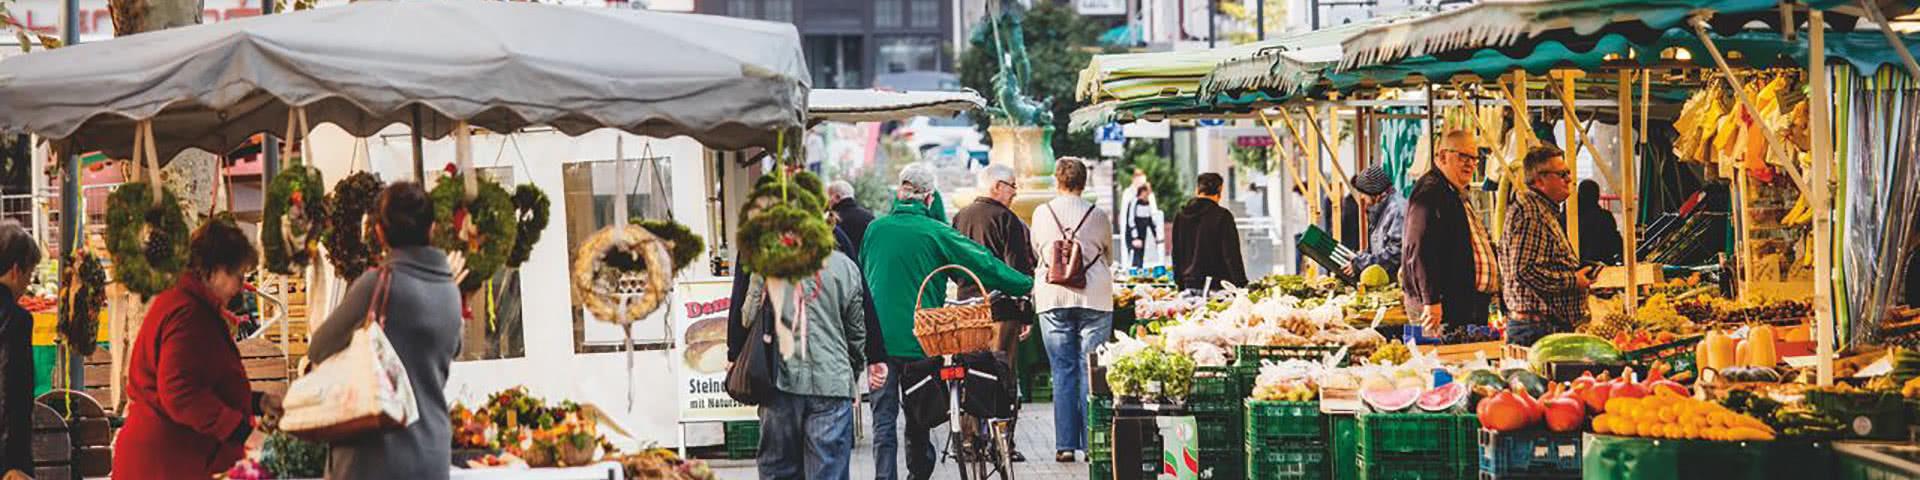 Wochemarkt in der Altstadt von Limburg